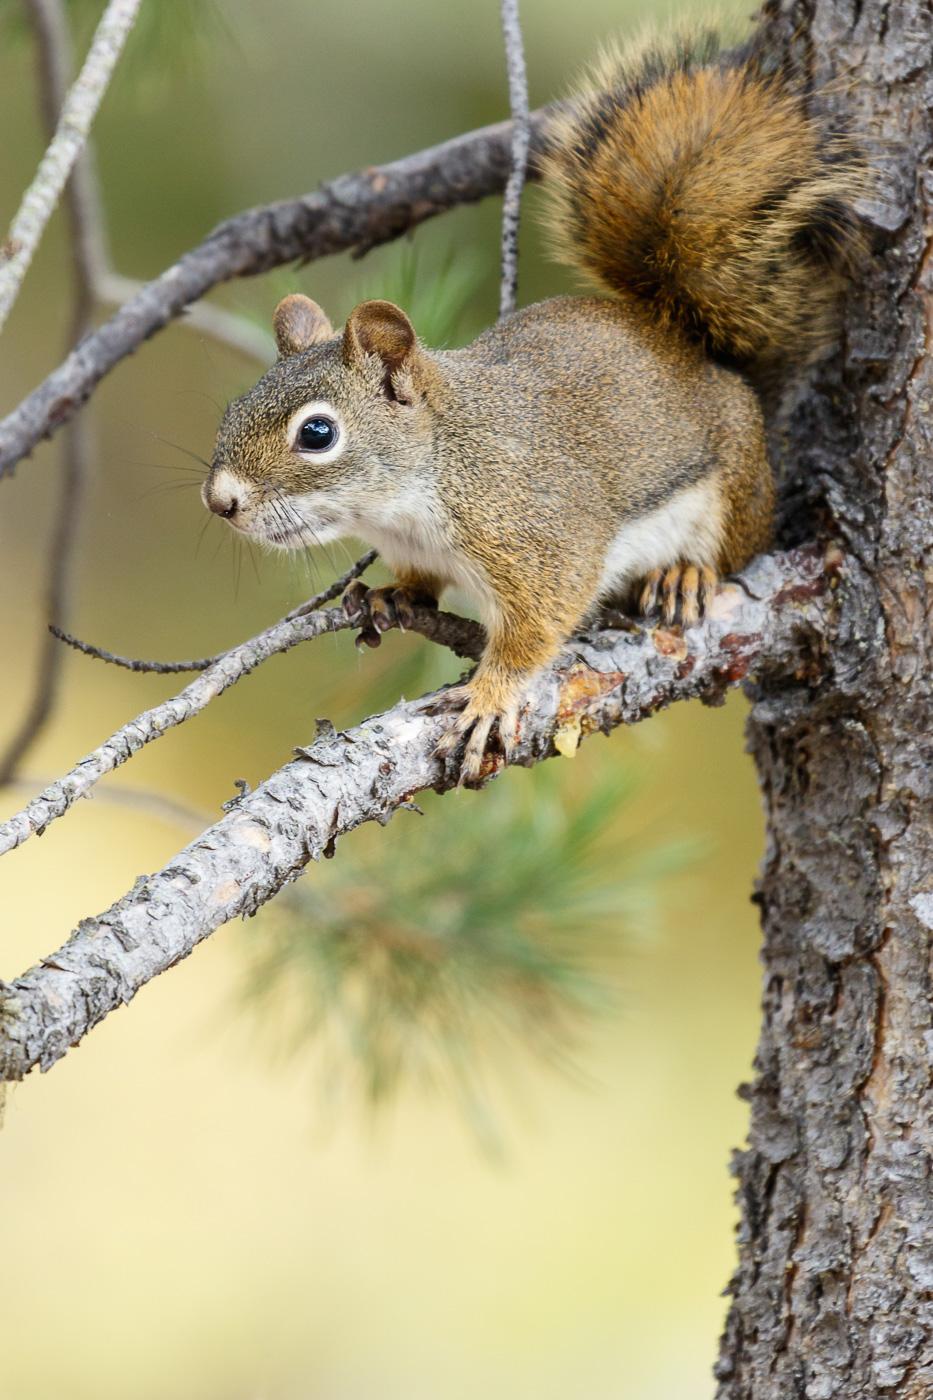 Red Squirrel (Tamiasciurus hudsonicus), Grand Teton National Park, U.S.A. - Fauna de Nord-Amèrica - Raül Carmona - Fotografia, Fotografia d'estudi, esdeveniments i Natura